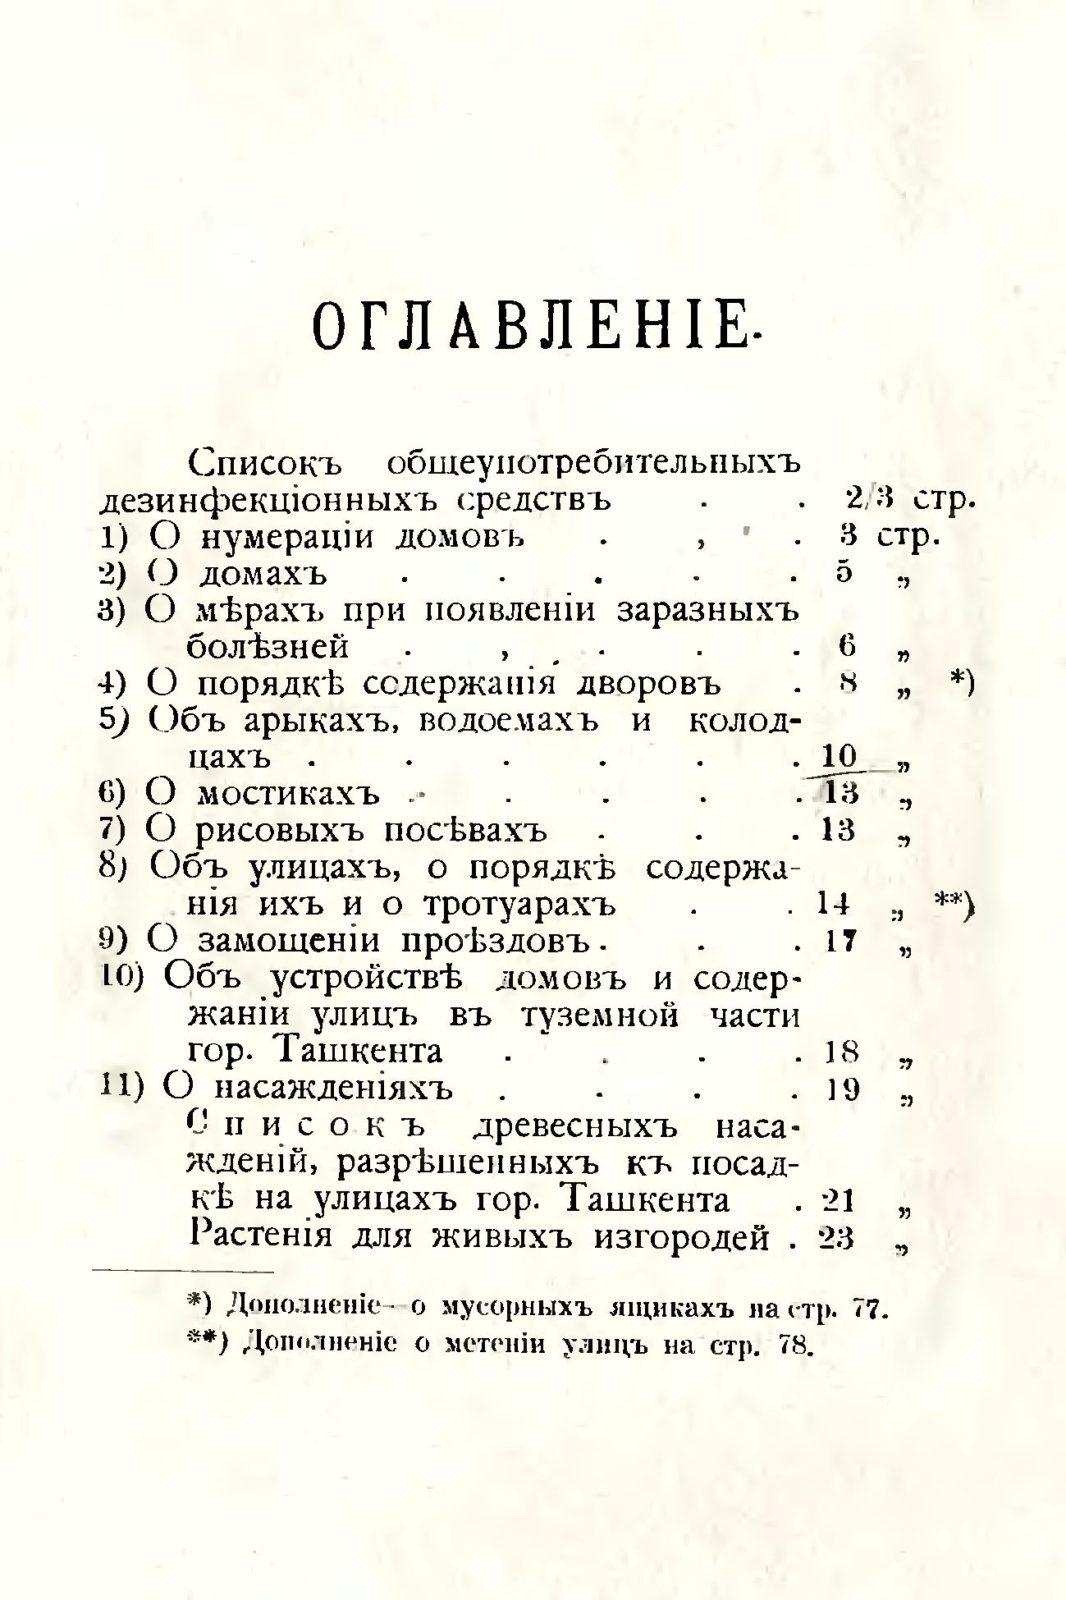 sbornik_obyazatelnyh_postanovlenii_tashkentskoi_gorodskoi_du_3